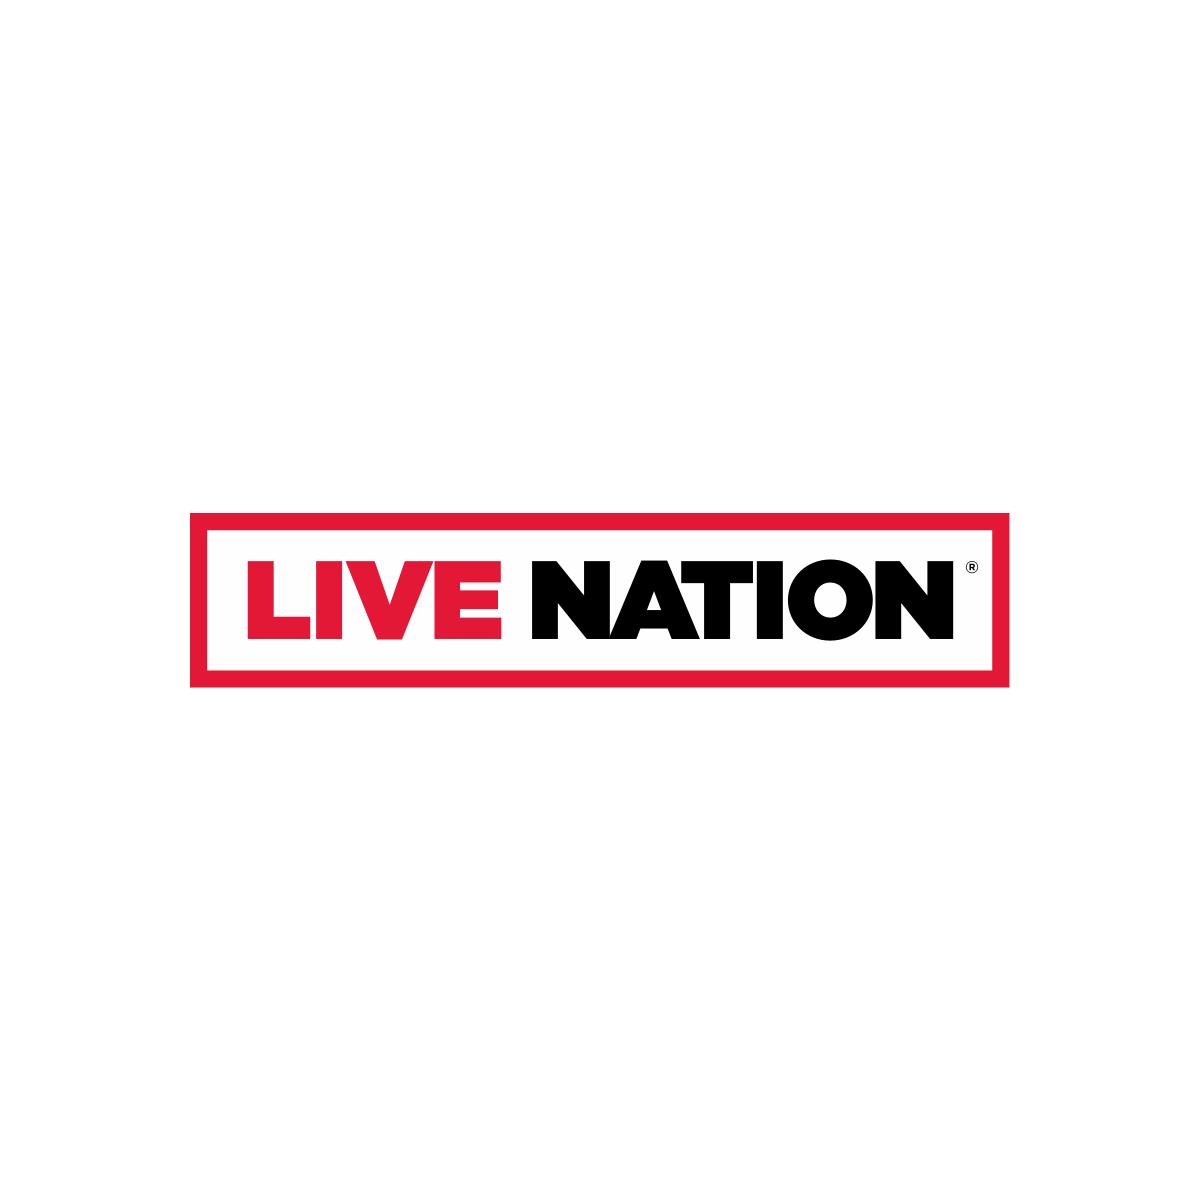 Live Nation — Live Events, Concert Tickets, Tour News, Venues